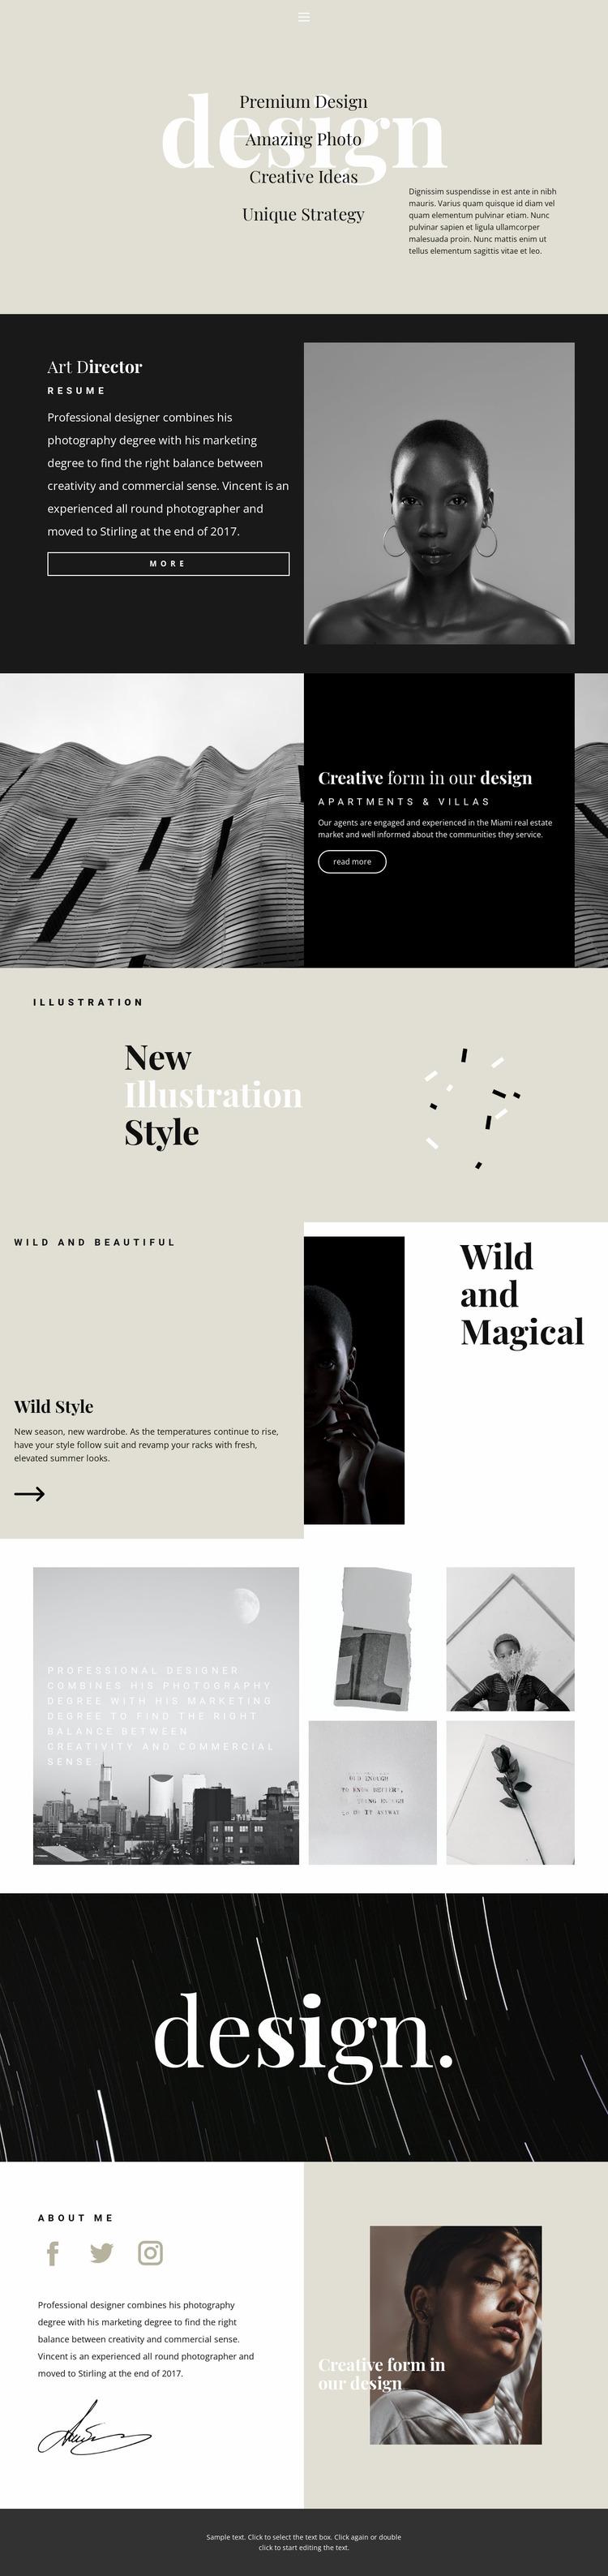 Directions of design studio Website Mockup